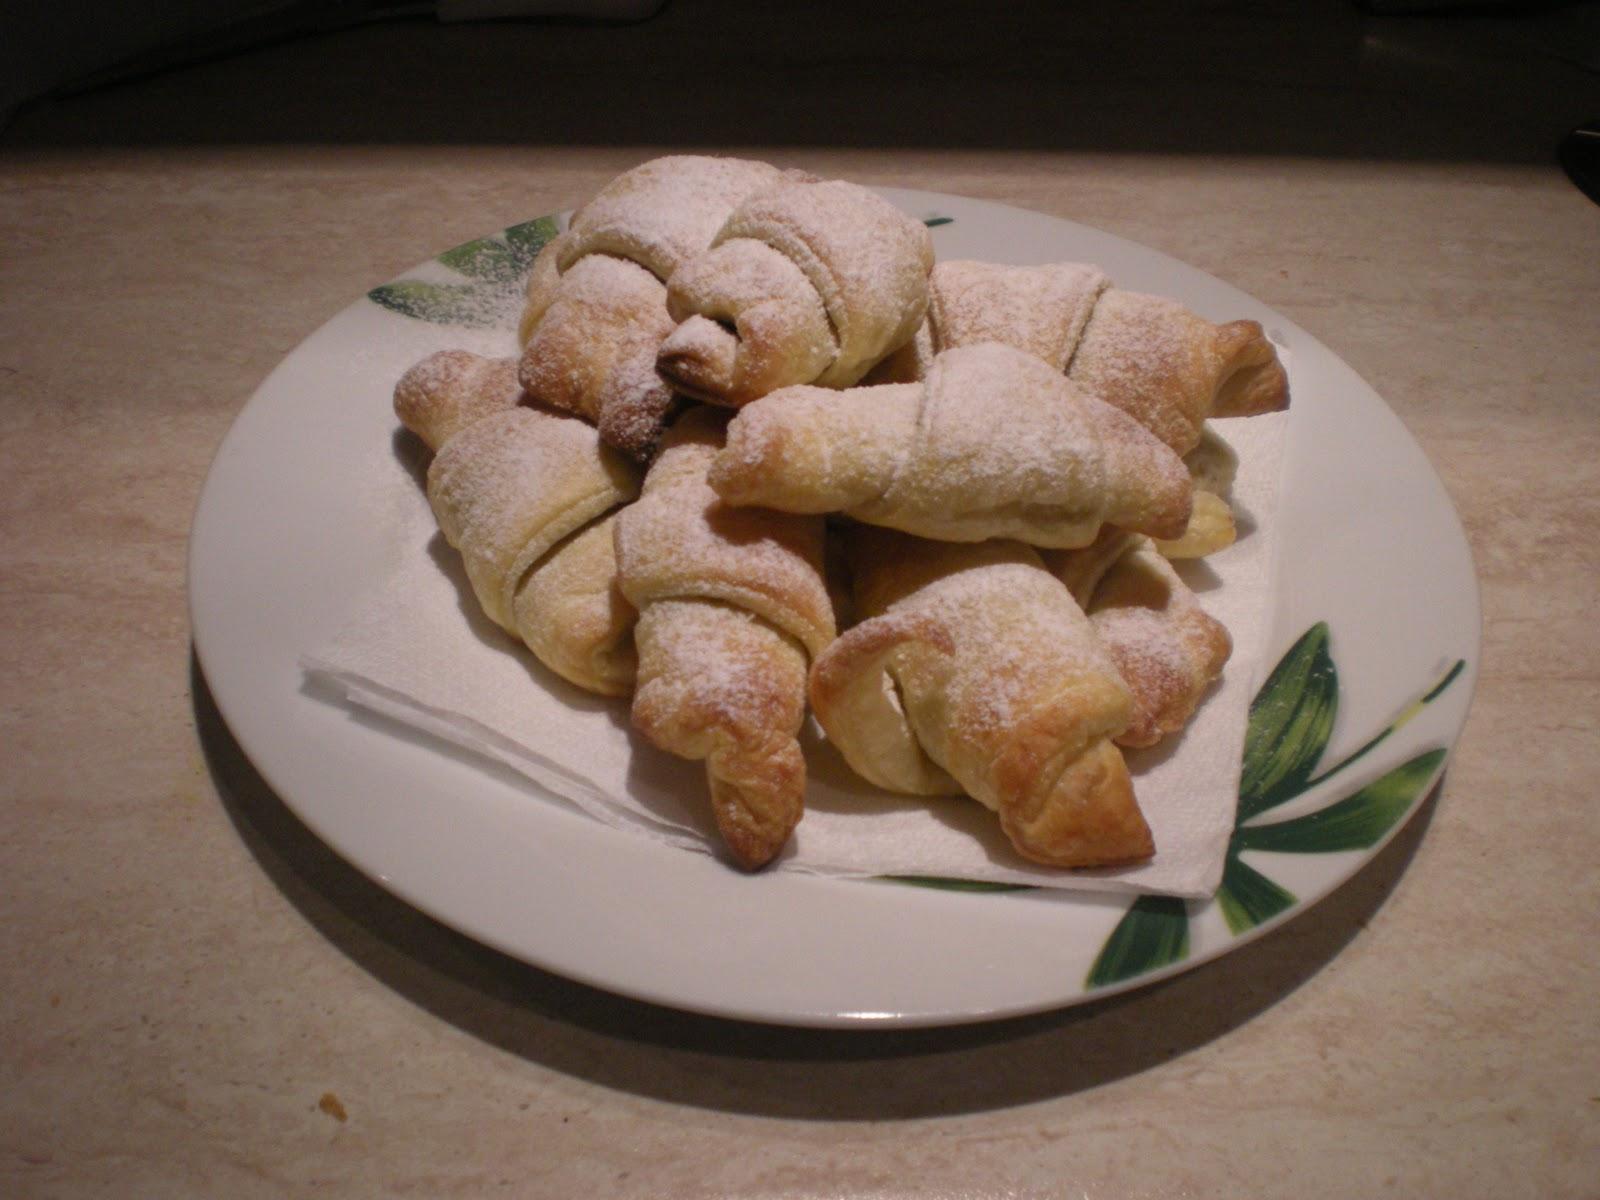 Cornetti di pasta sfoglia alla nutella 4 5 for Piccoli piani colonica con foto